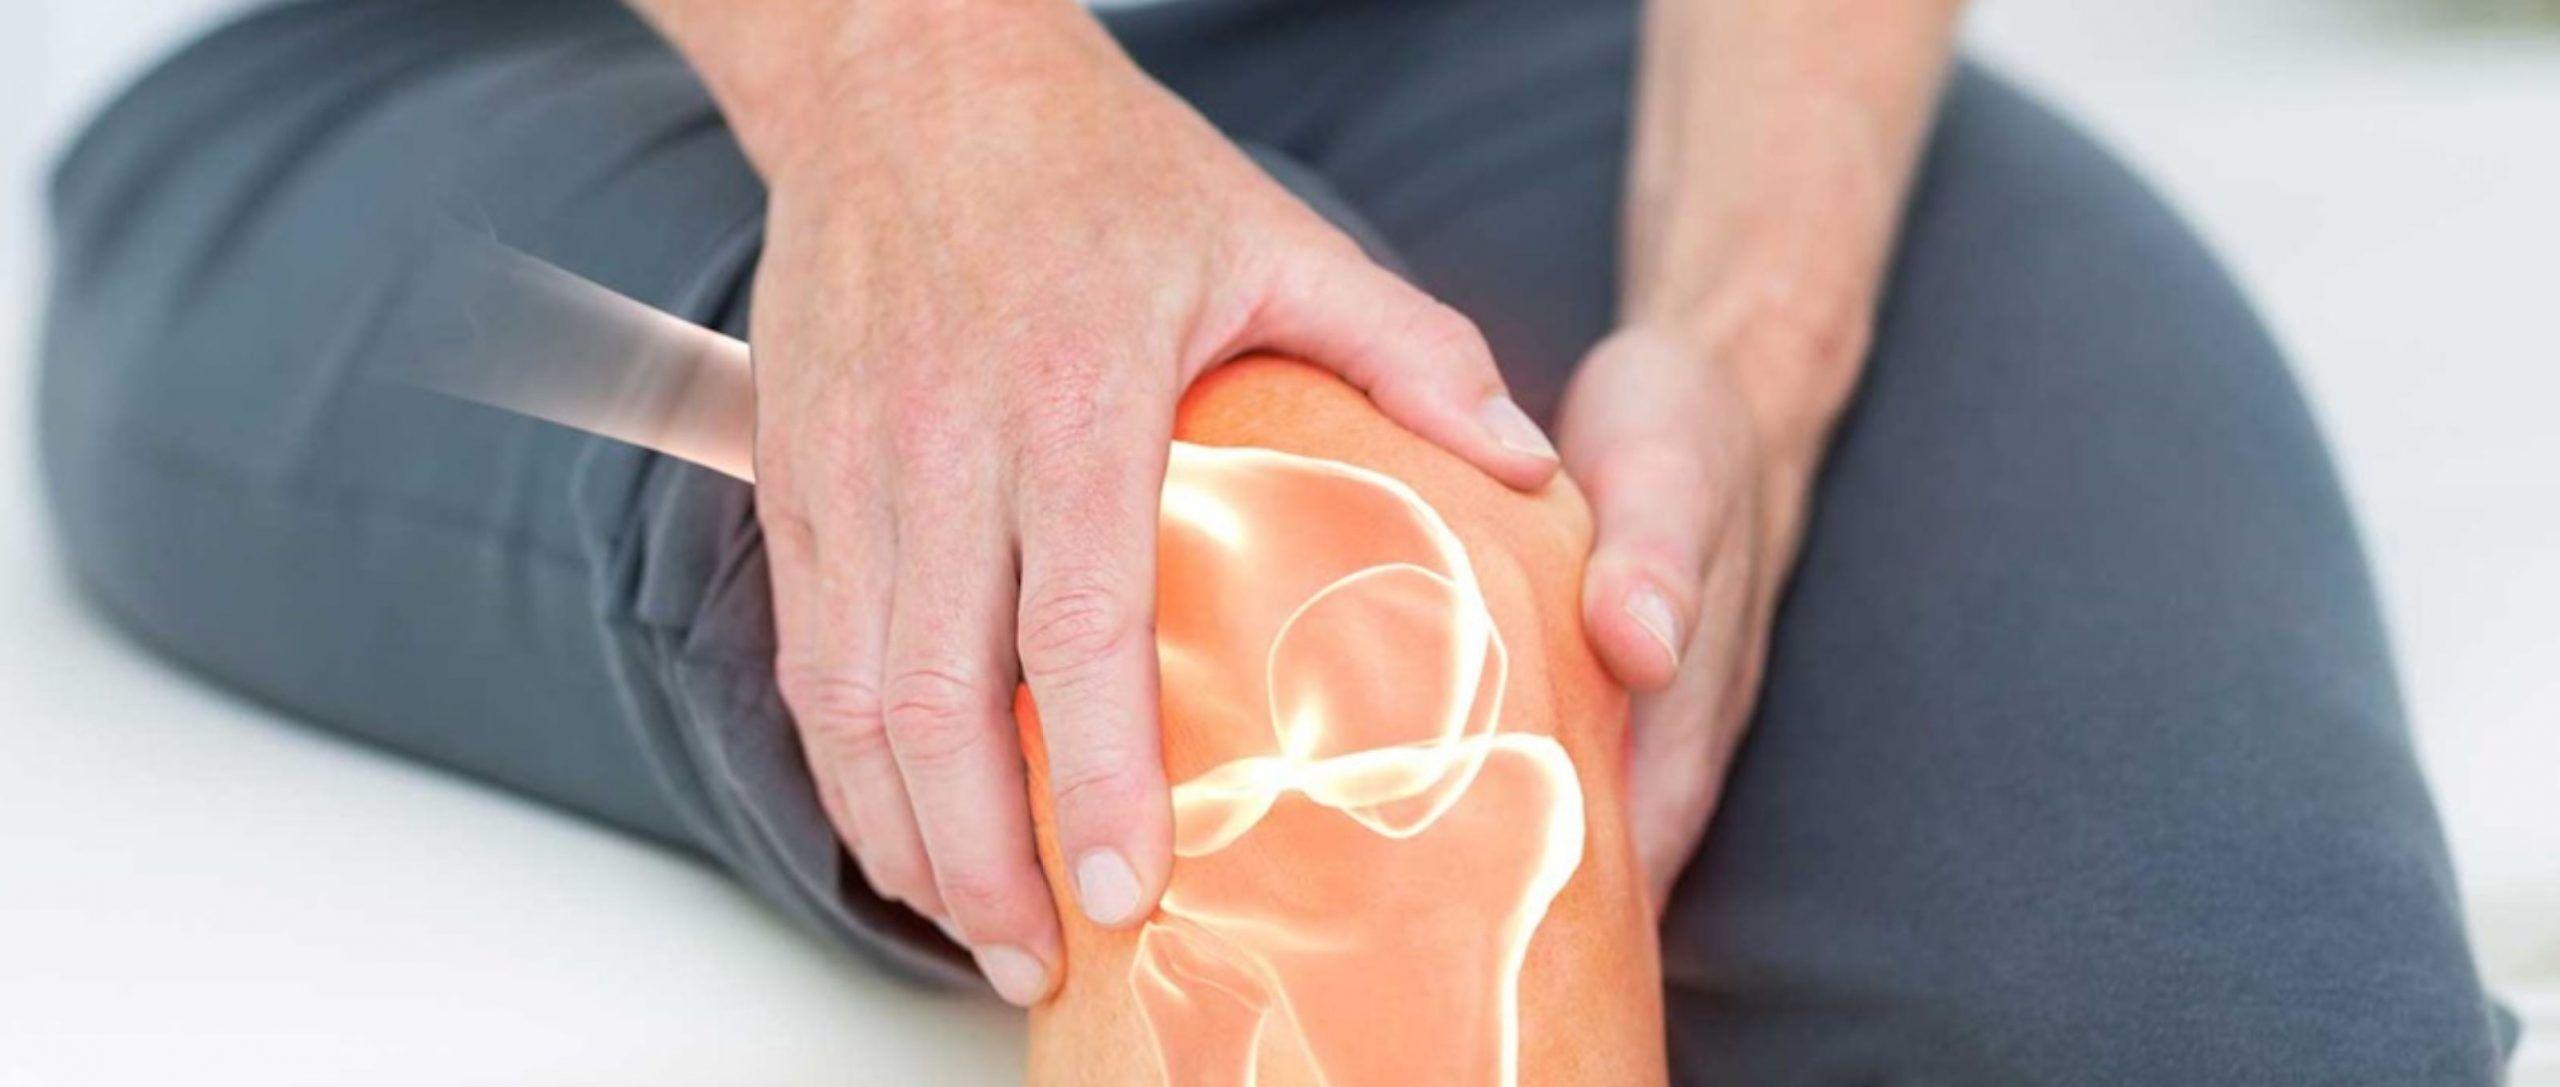 artroza genunchiului pentru vârstnici)